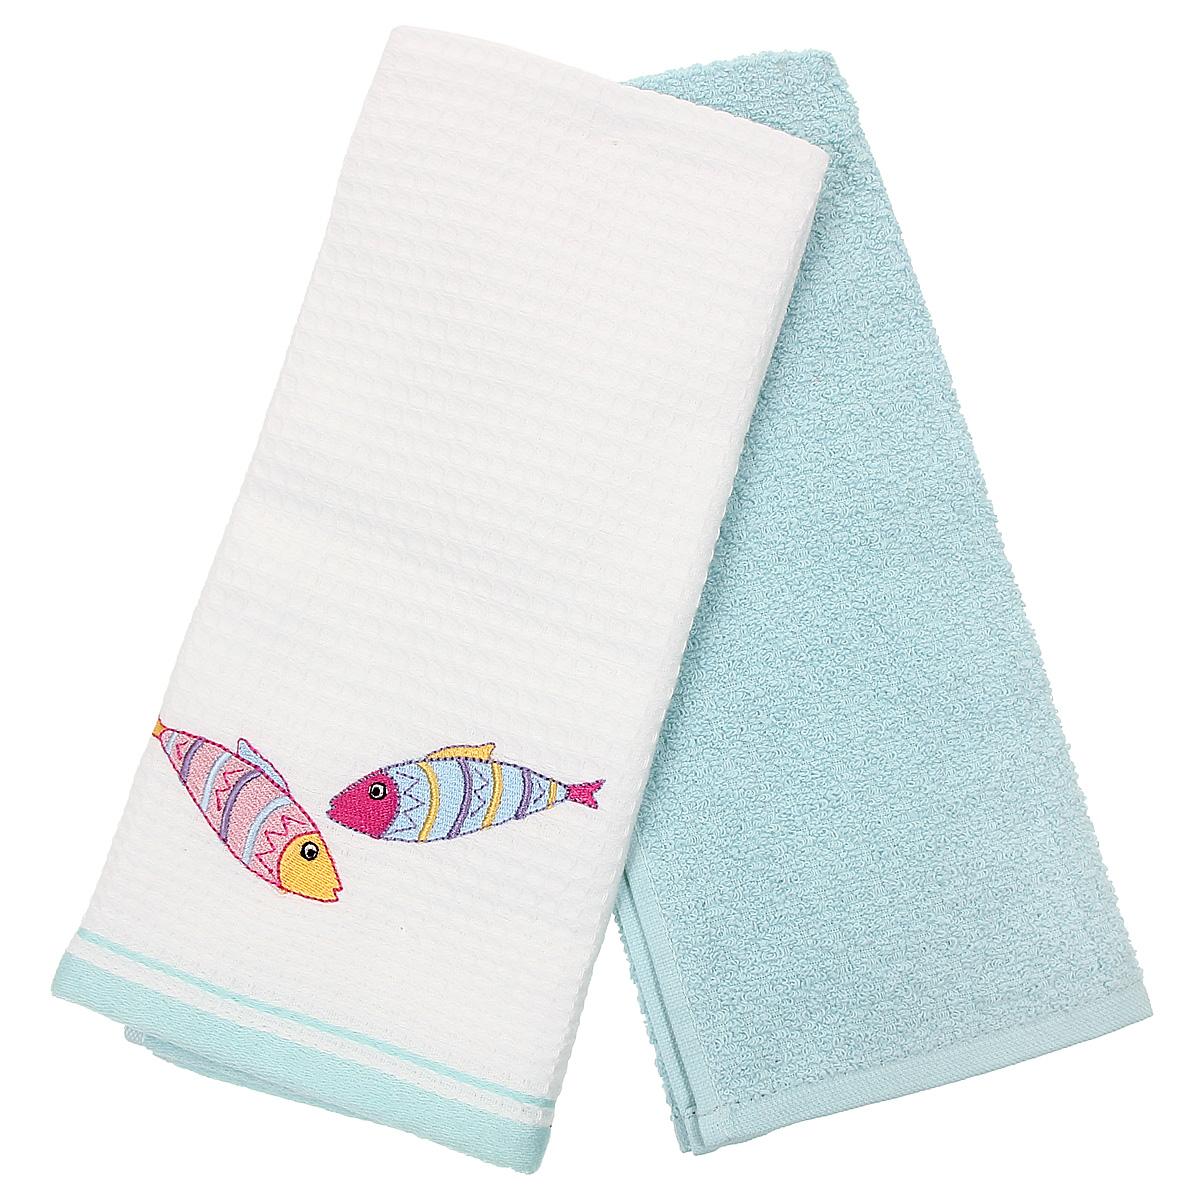 Набор кухонных полотенец Coronet Рыбки, цвет: белый, бирюзовый, 40 см х 60 см, 2 штК-МП-5010-05-01-03